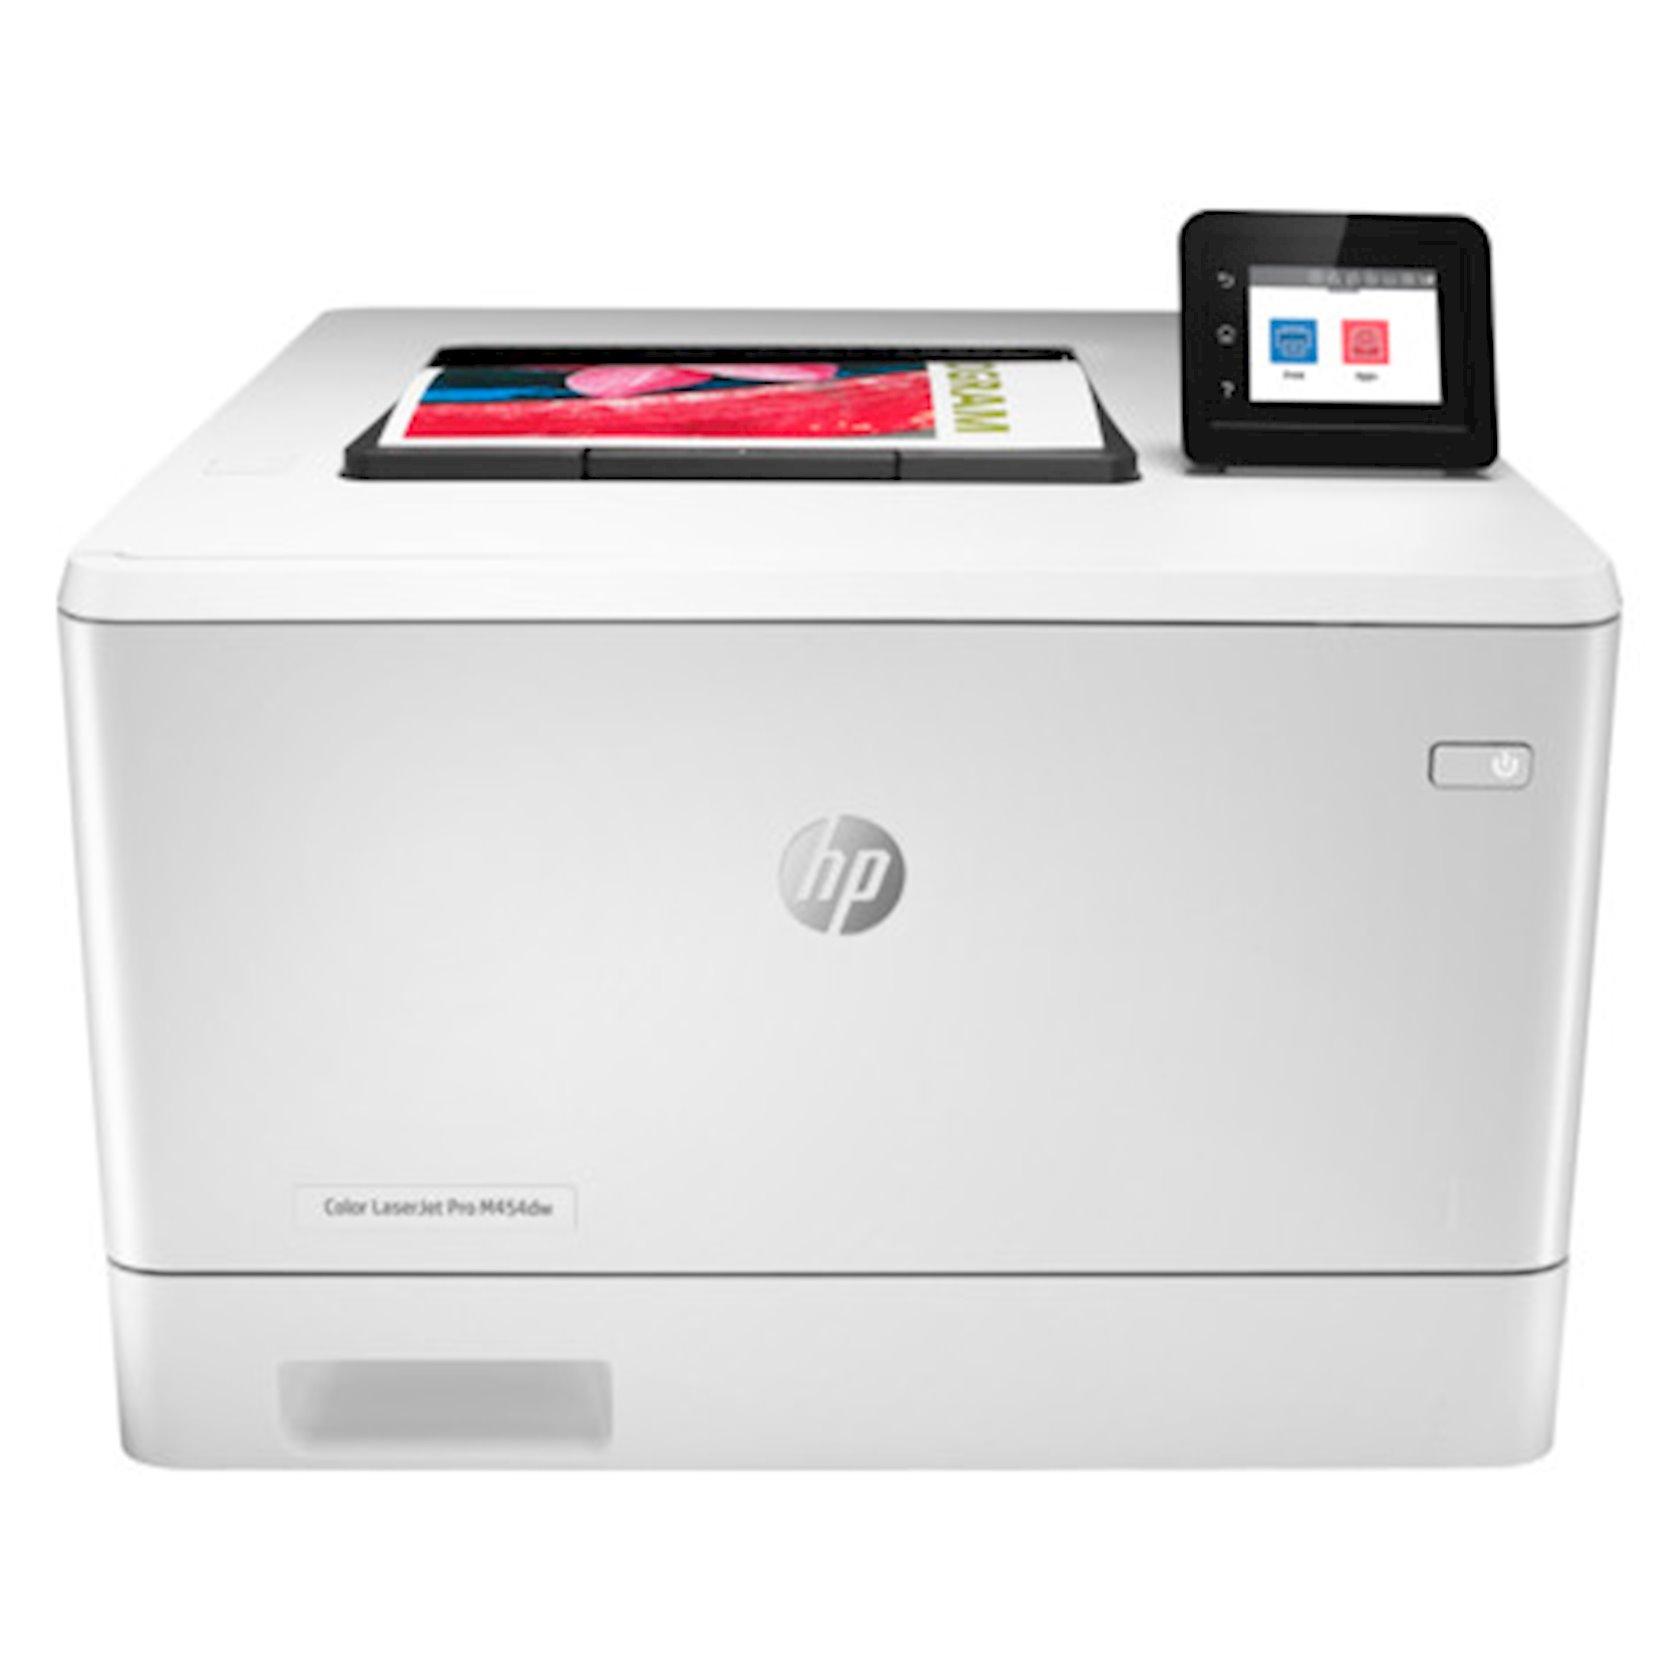 Printer HP Color LaserJet Pro M454dw c Wi-Fi